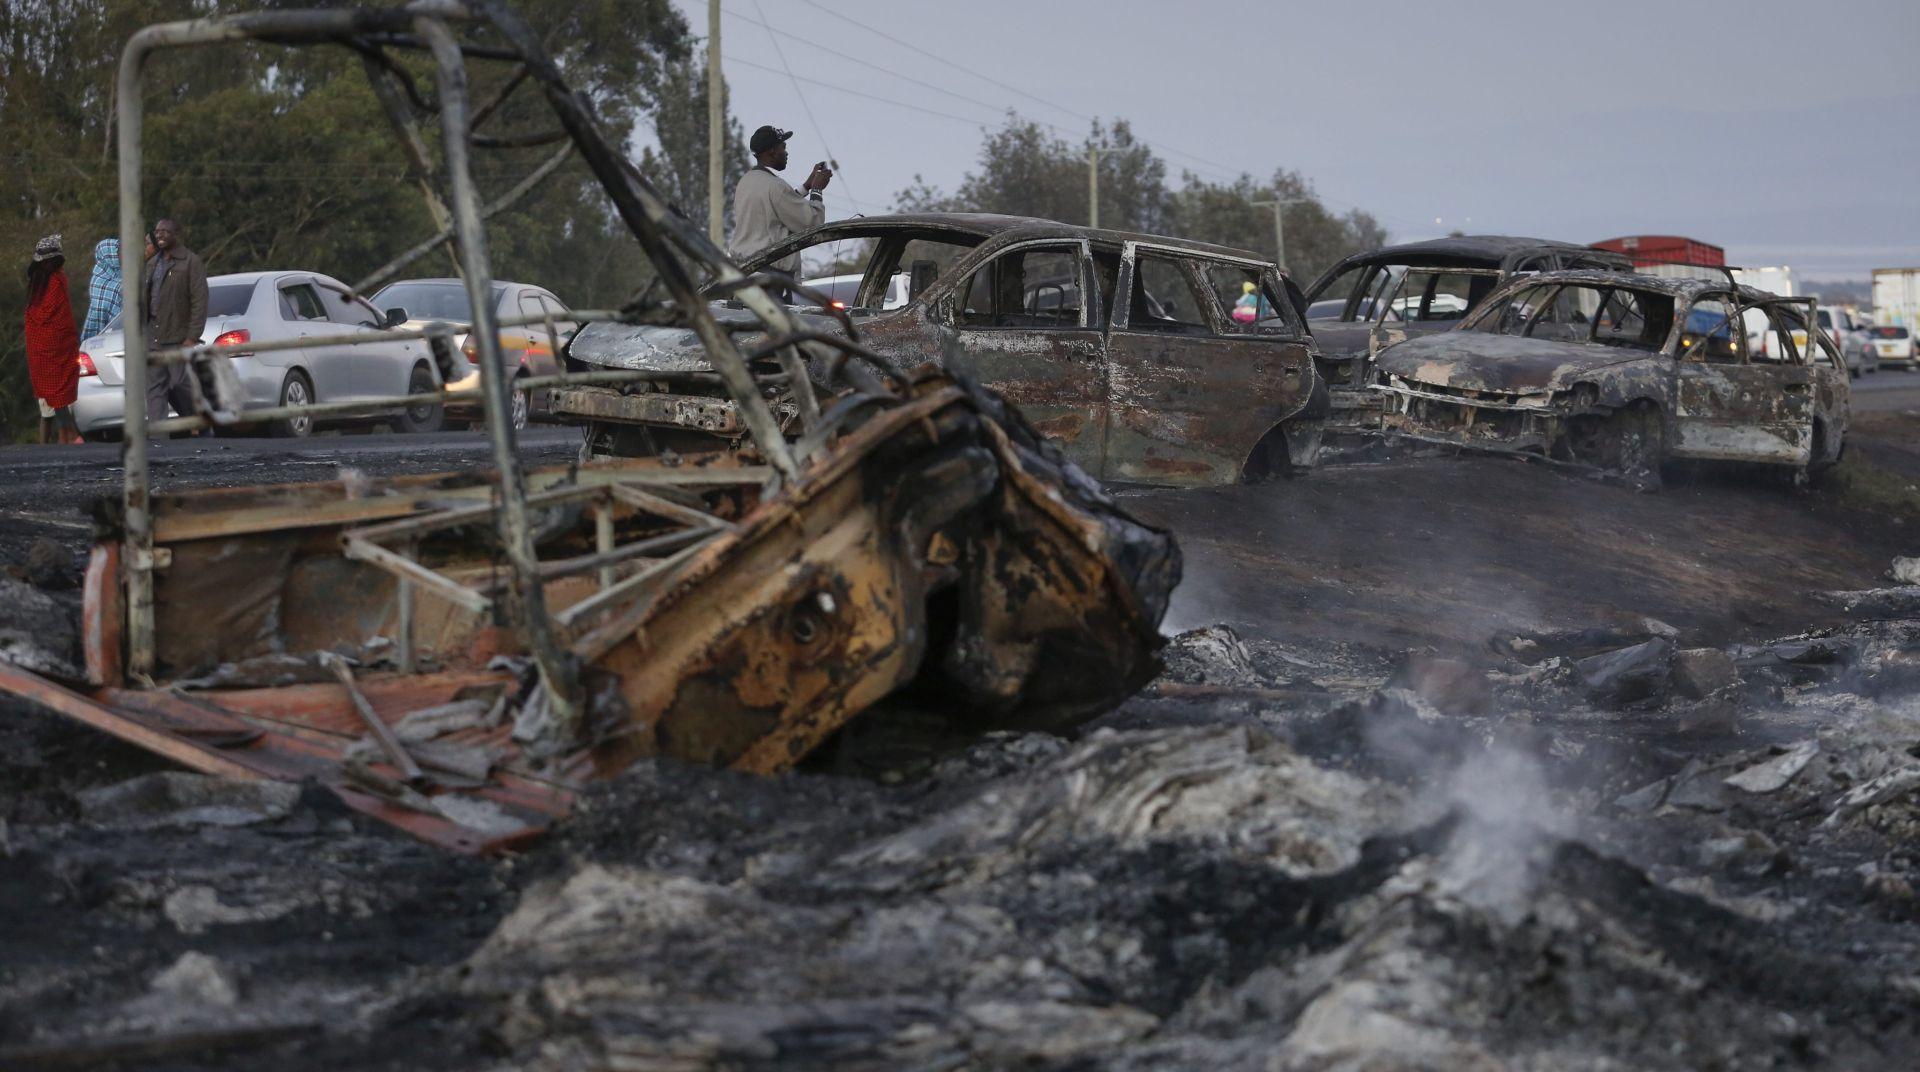 KENIJA Tanker se zabio u skupinu automobila i eksplodiralo, najmanje 33 mrtvih